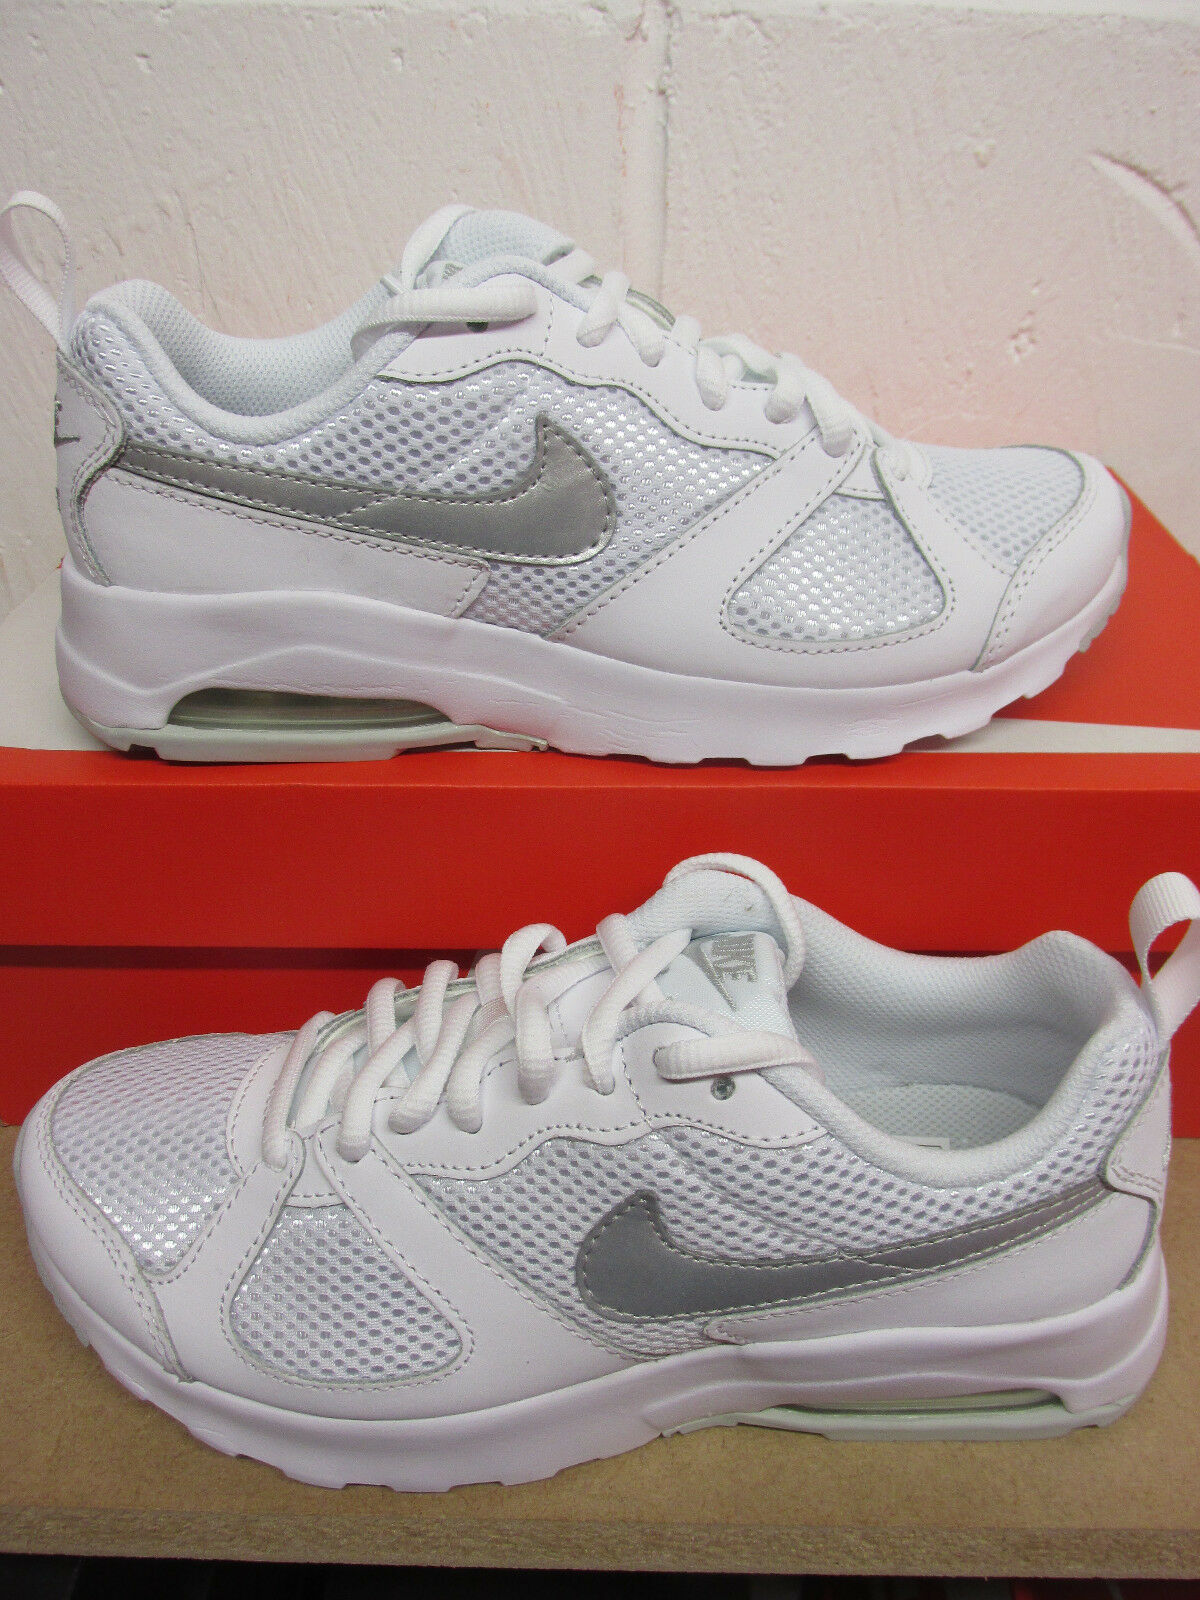 Nike Nike Nike air max donna musa correndo formatori 654729 100 scarpe, scarpe | Qualità Affidabile  | Scolaro/Ragazze Scarpa  788ec1